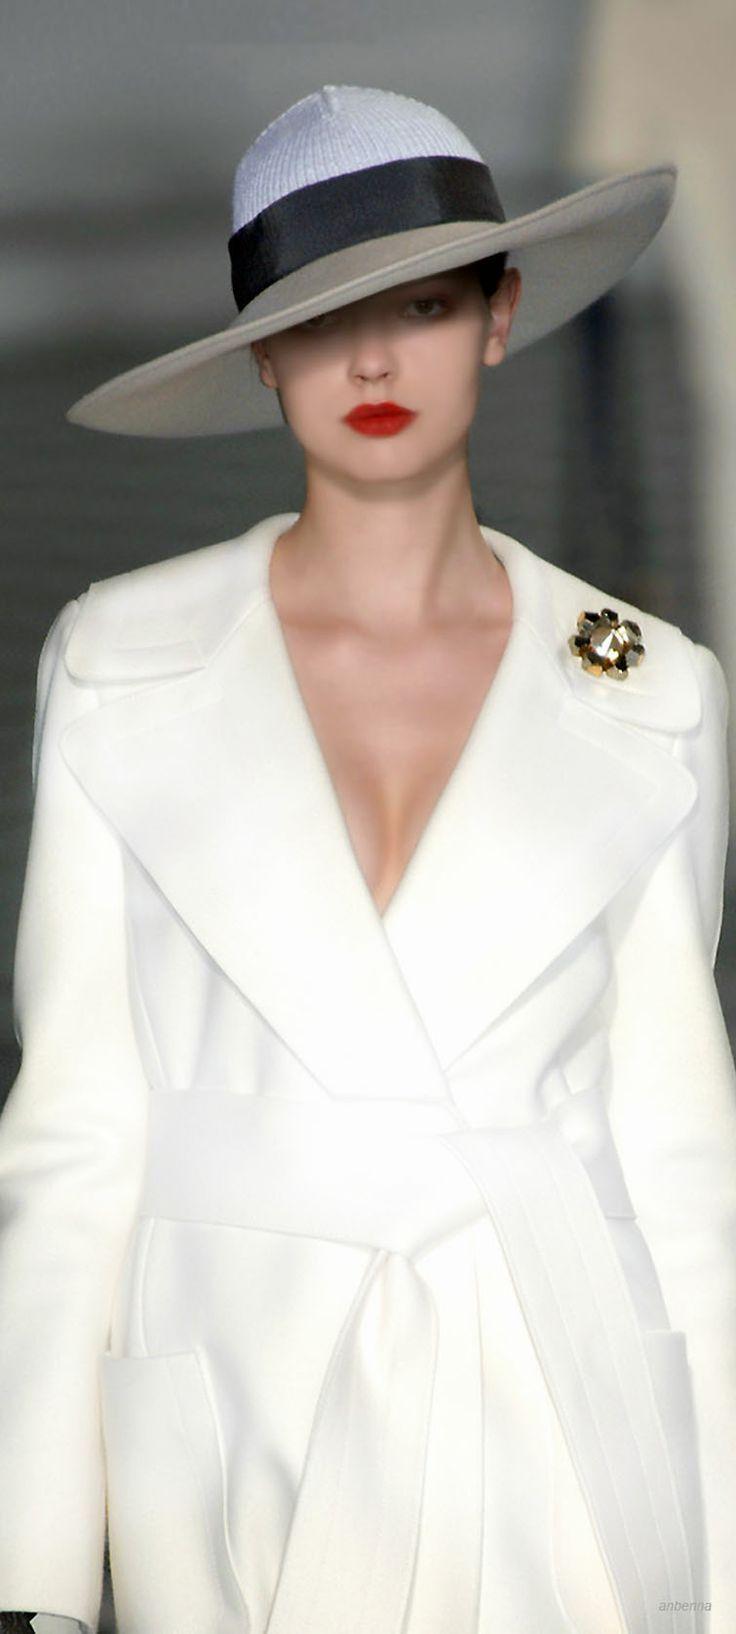 Marc Jacobs hat & coat